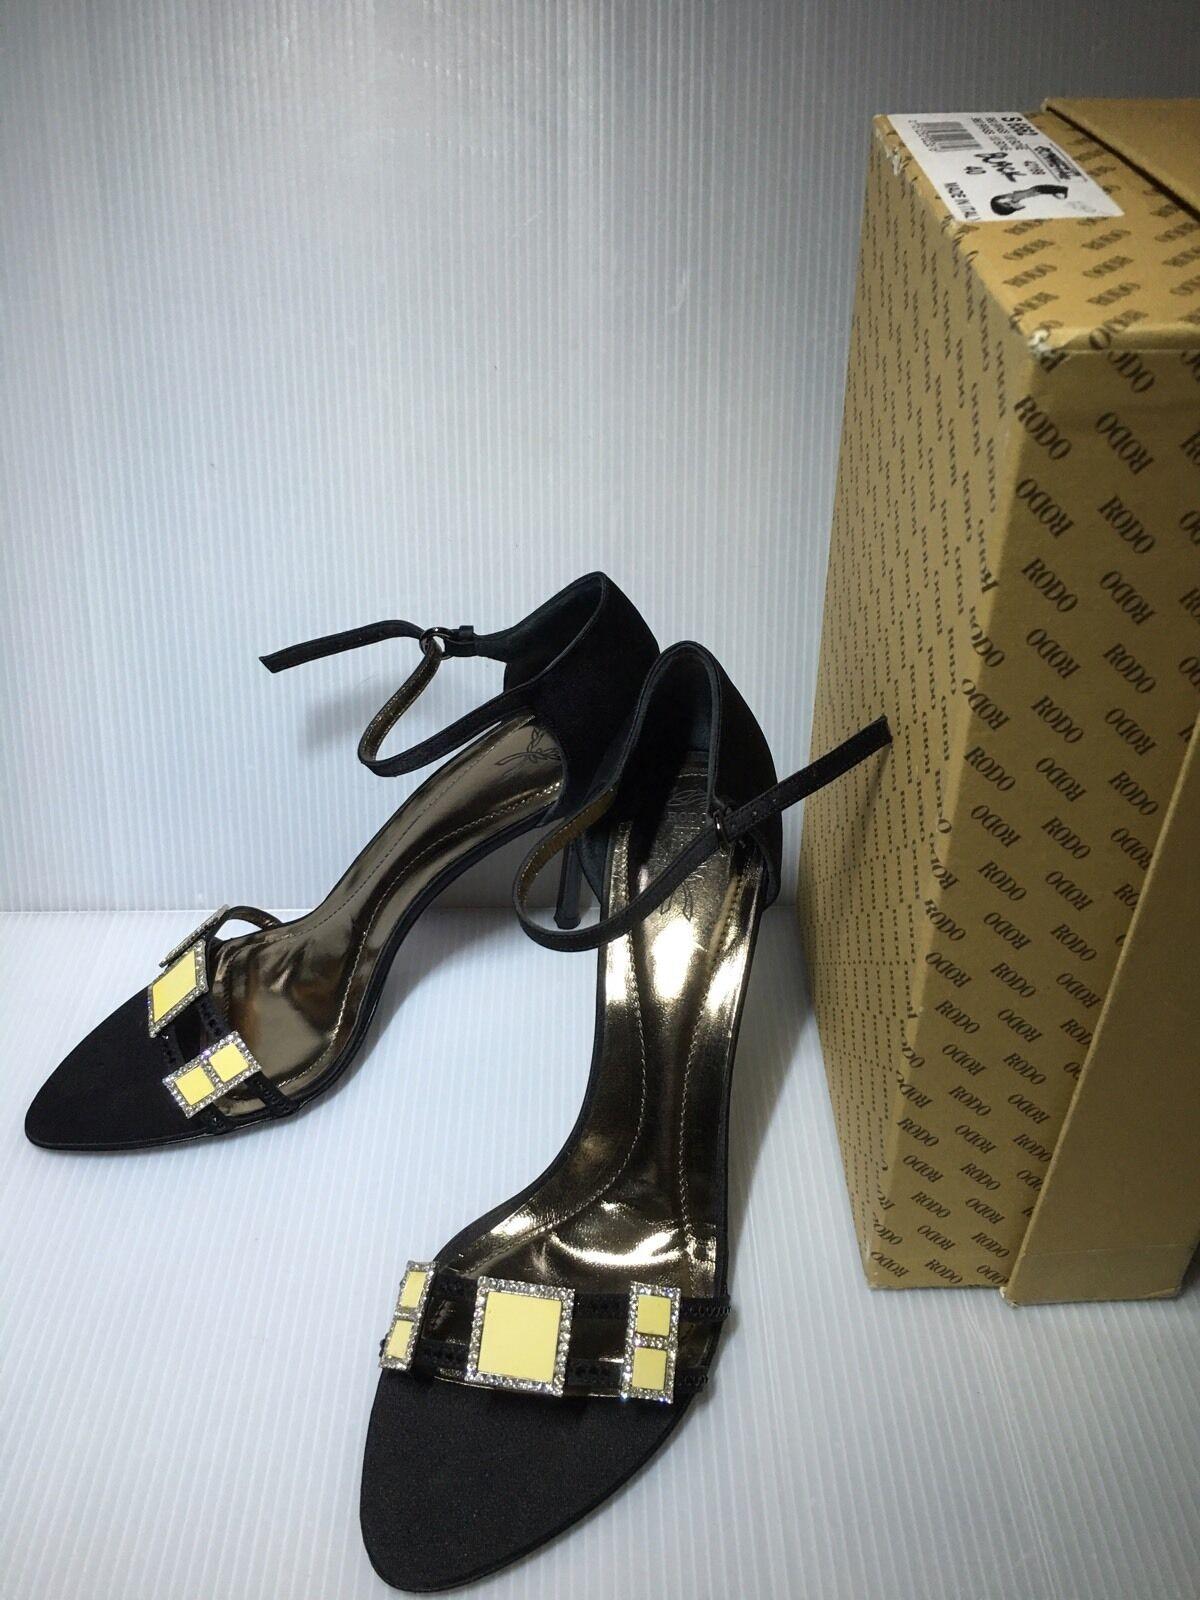 NEW-Rodo Stylish Satin Blk Leather Strappy w Sparkles shoes Sz.40 - 450